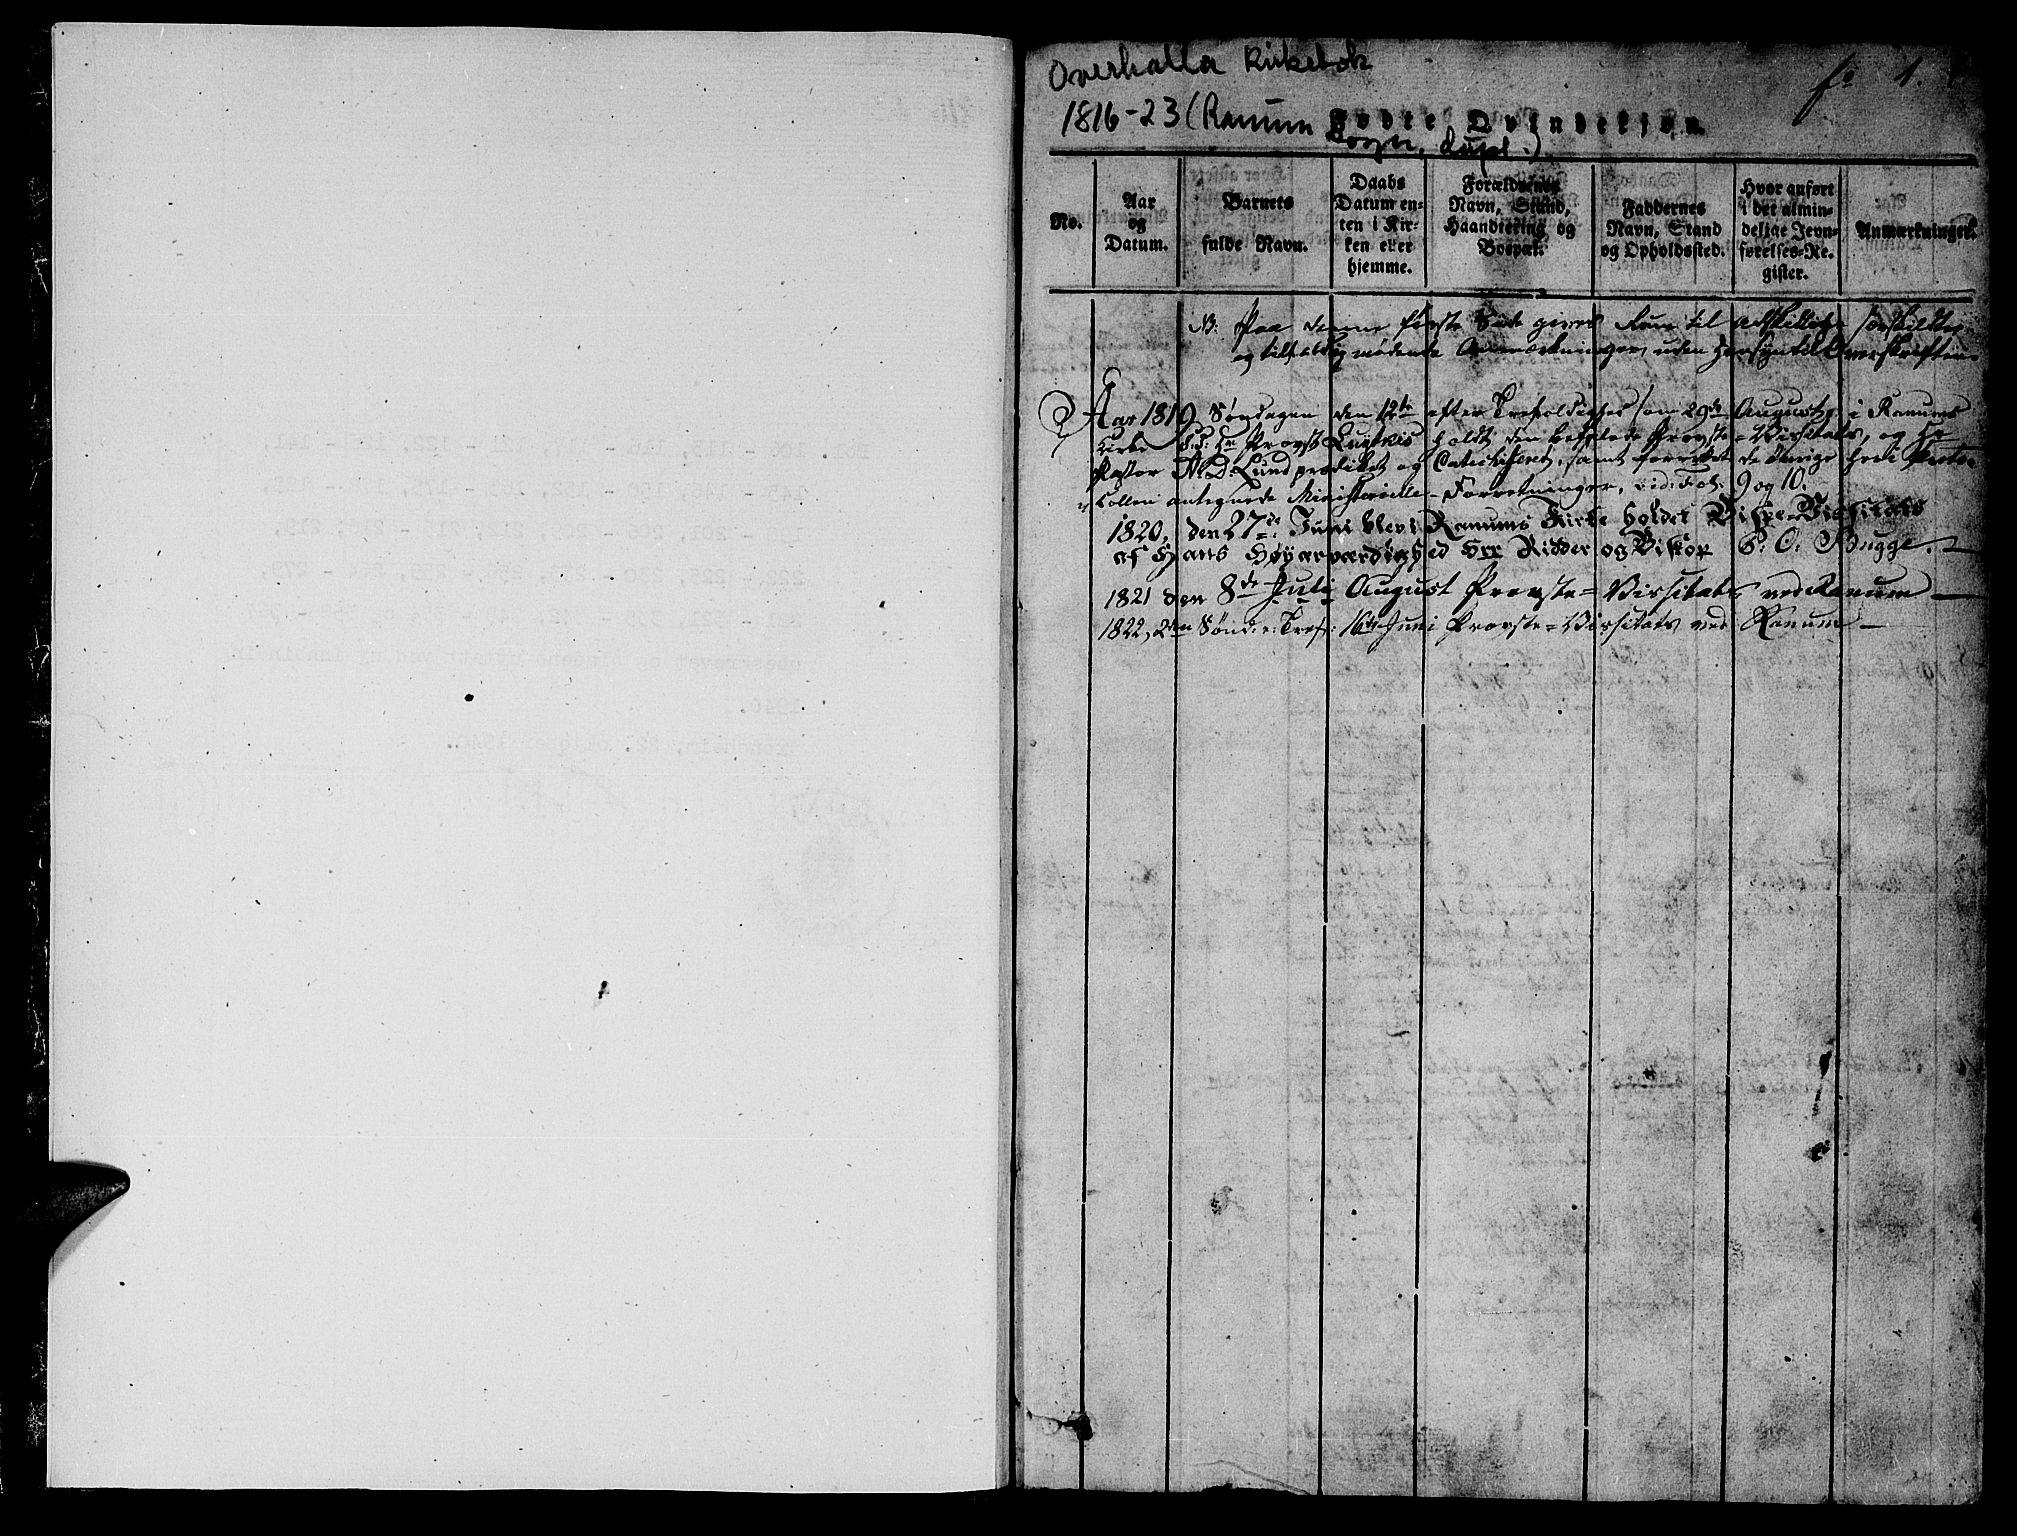 SAT, Ministerialprotokoller, klokkerbøker og fødselsregistre - Nord-Trøndelag, 764/L0546: Ministerialbok nr. 764A06 /1, 1816-1823, s. 1